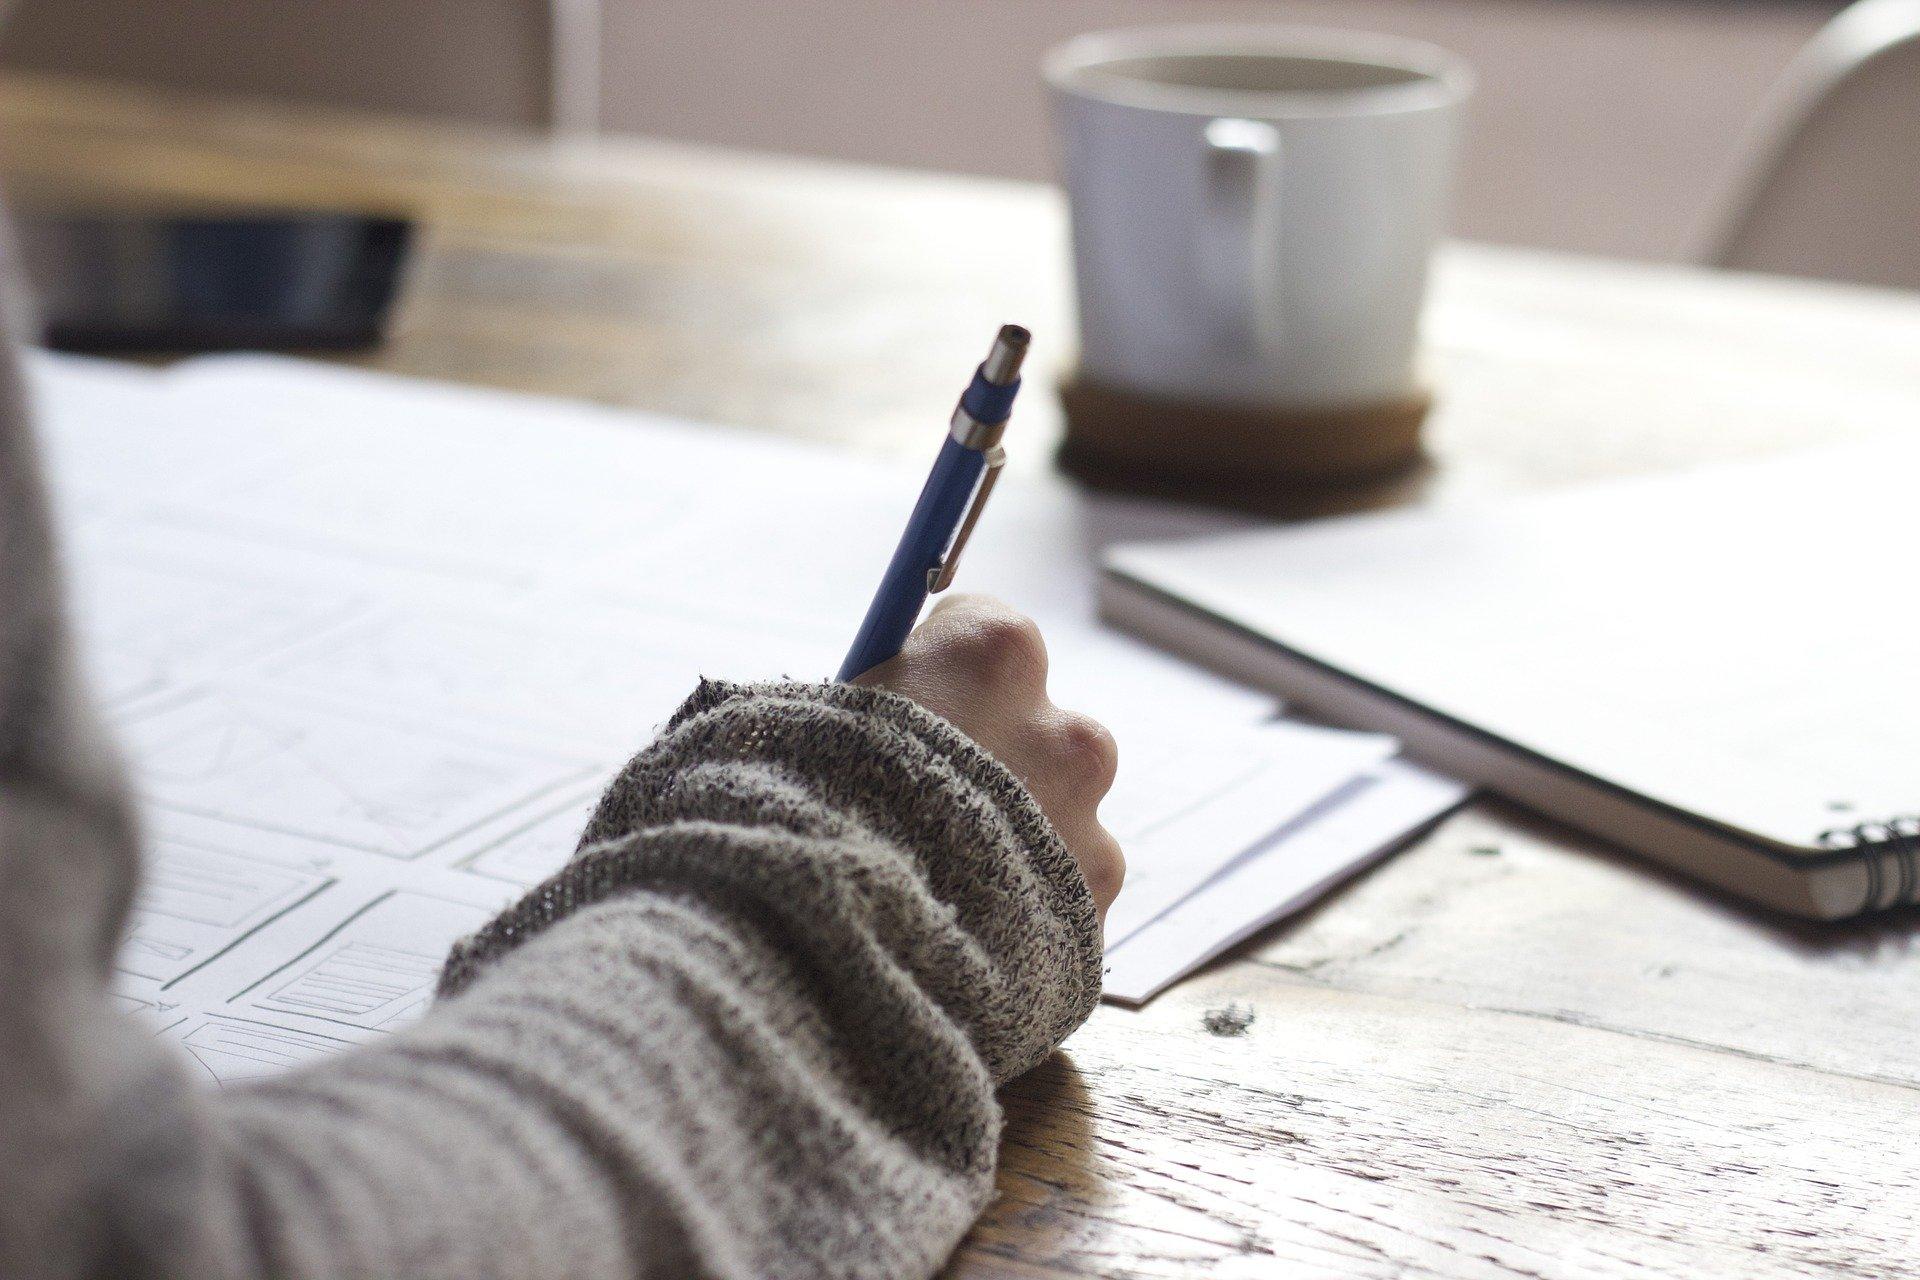 Японские ученые выяснили, что рукописные записи запоминаются лучше, чем сделанные на смартфоне или компьютере